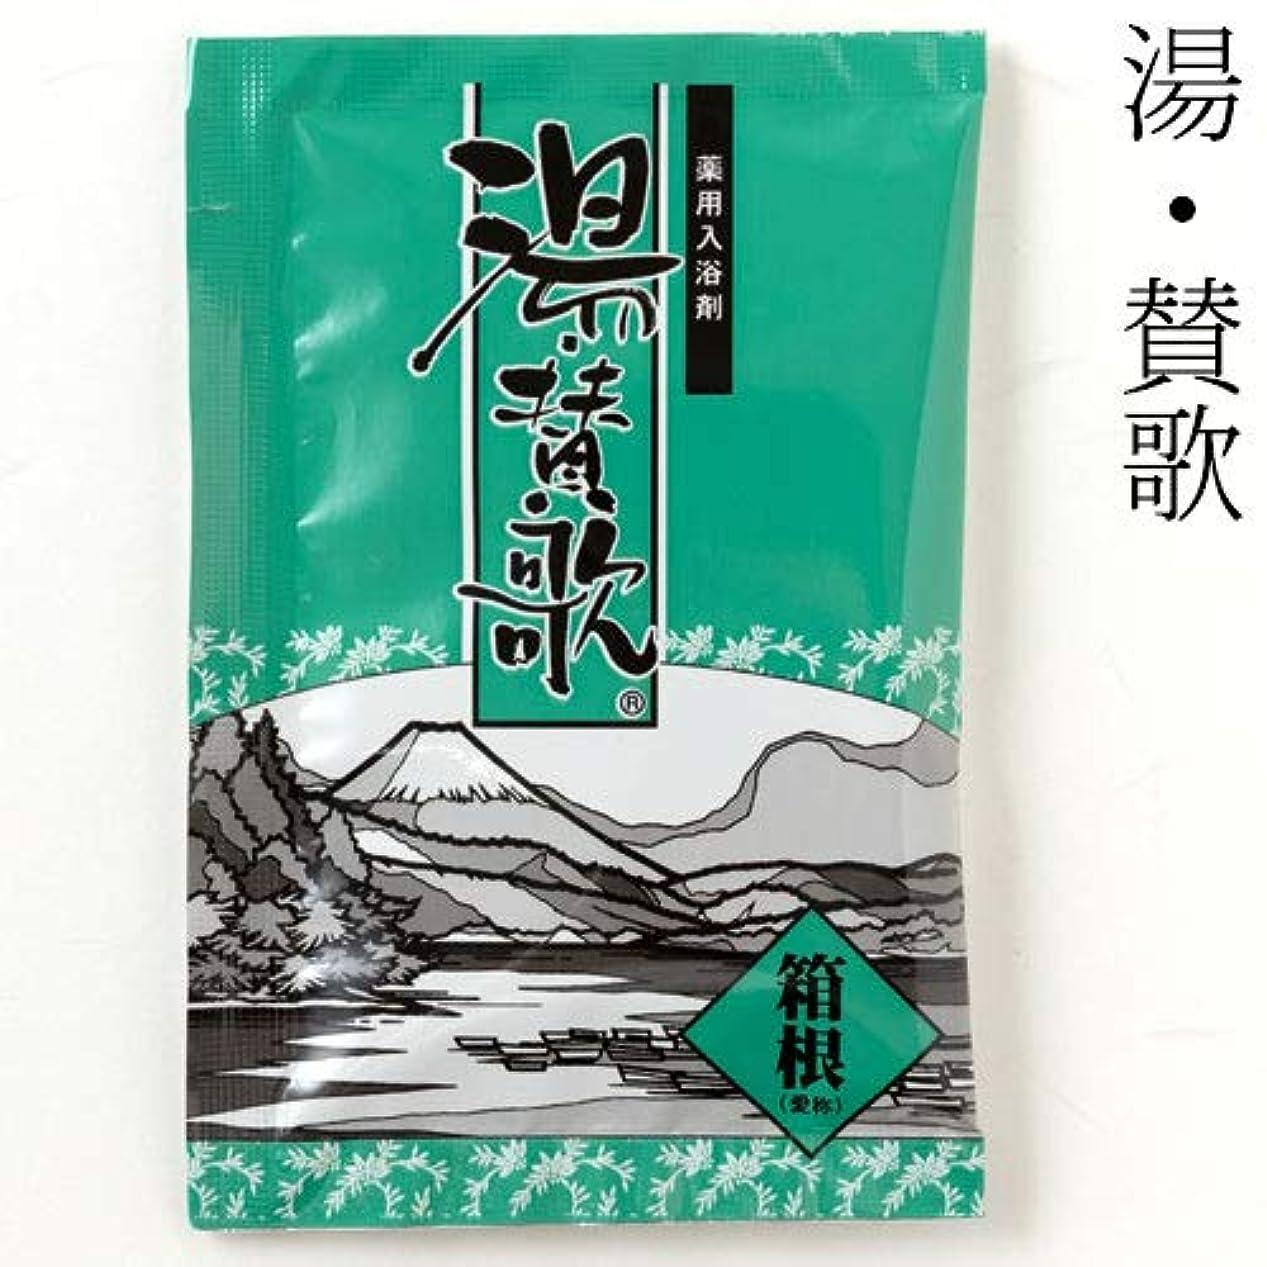 認める病な電話する入浴剤湯?賛歌箱根1包石川県のお風呂グッズBath additive, Ishikawa craft